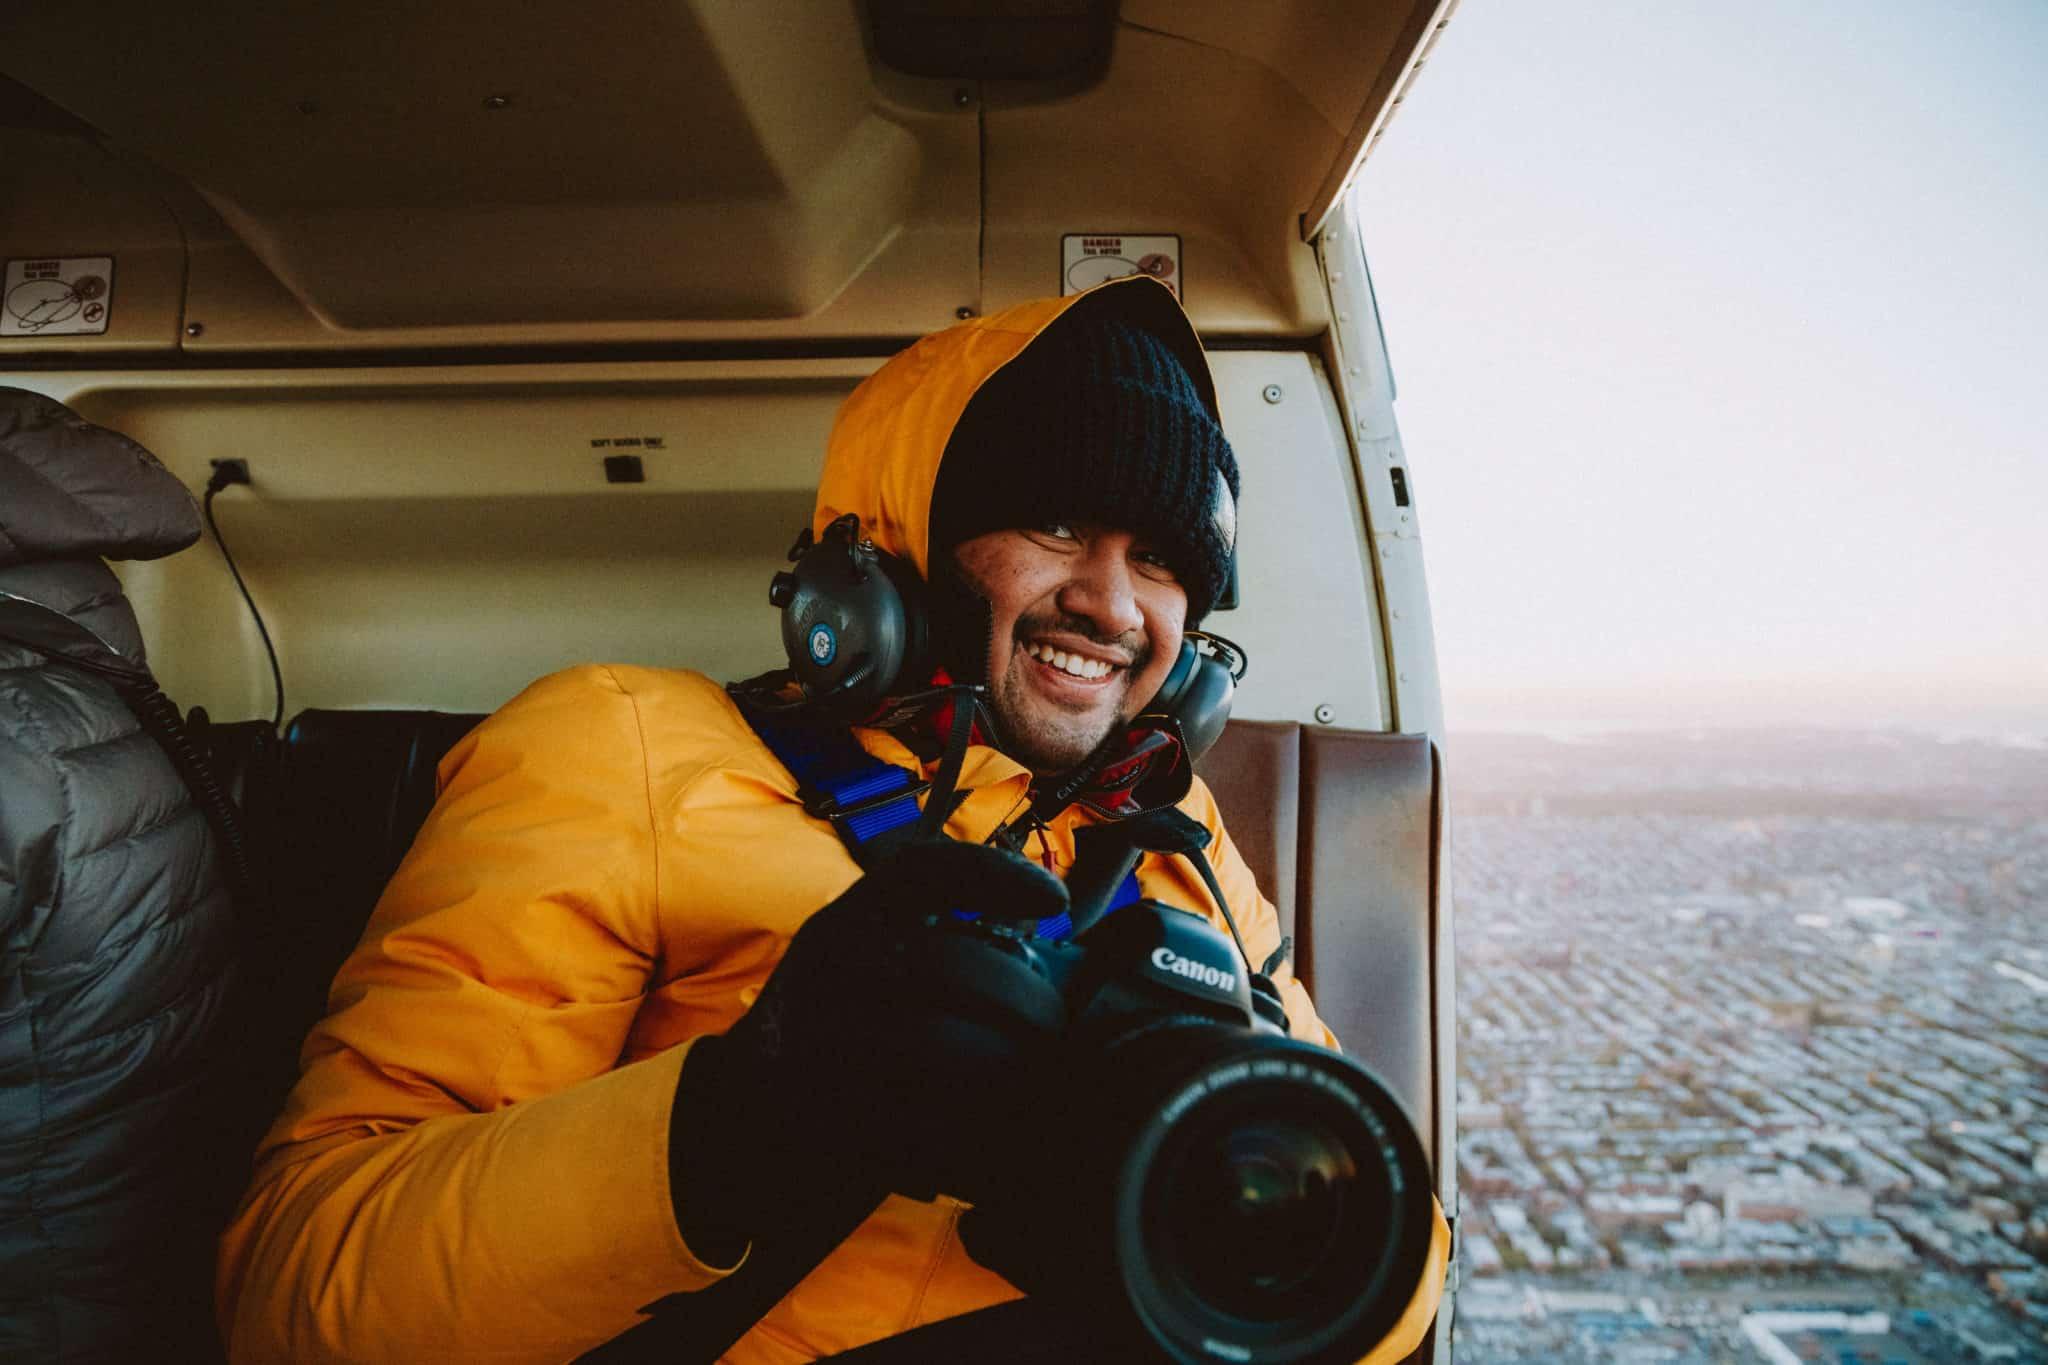 Berty Mandagie in Doors off helicopter flight in NYC